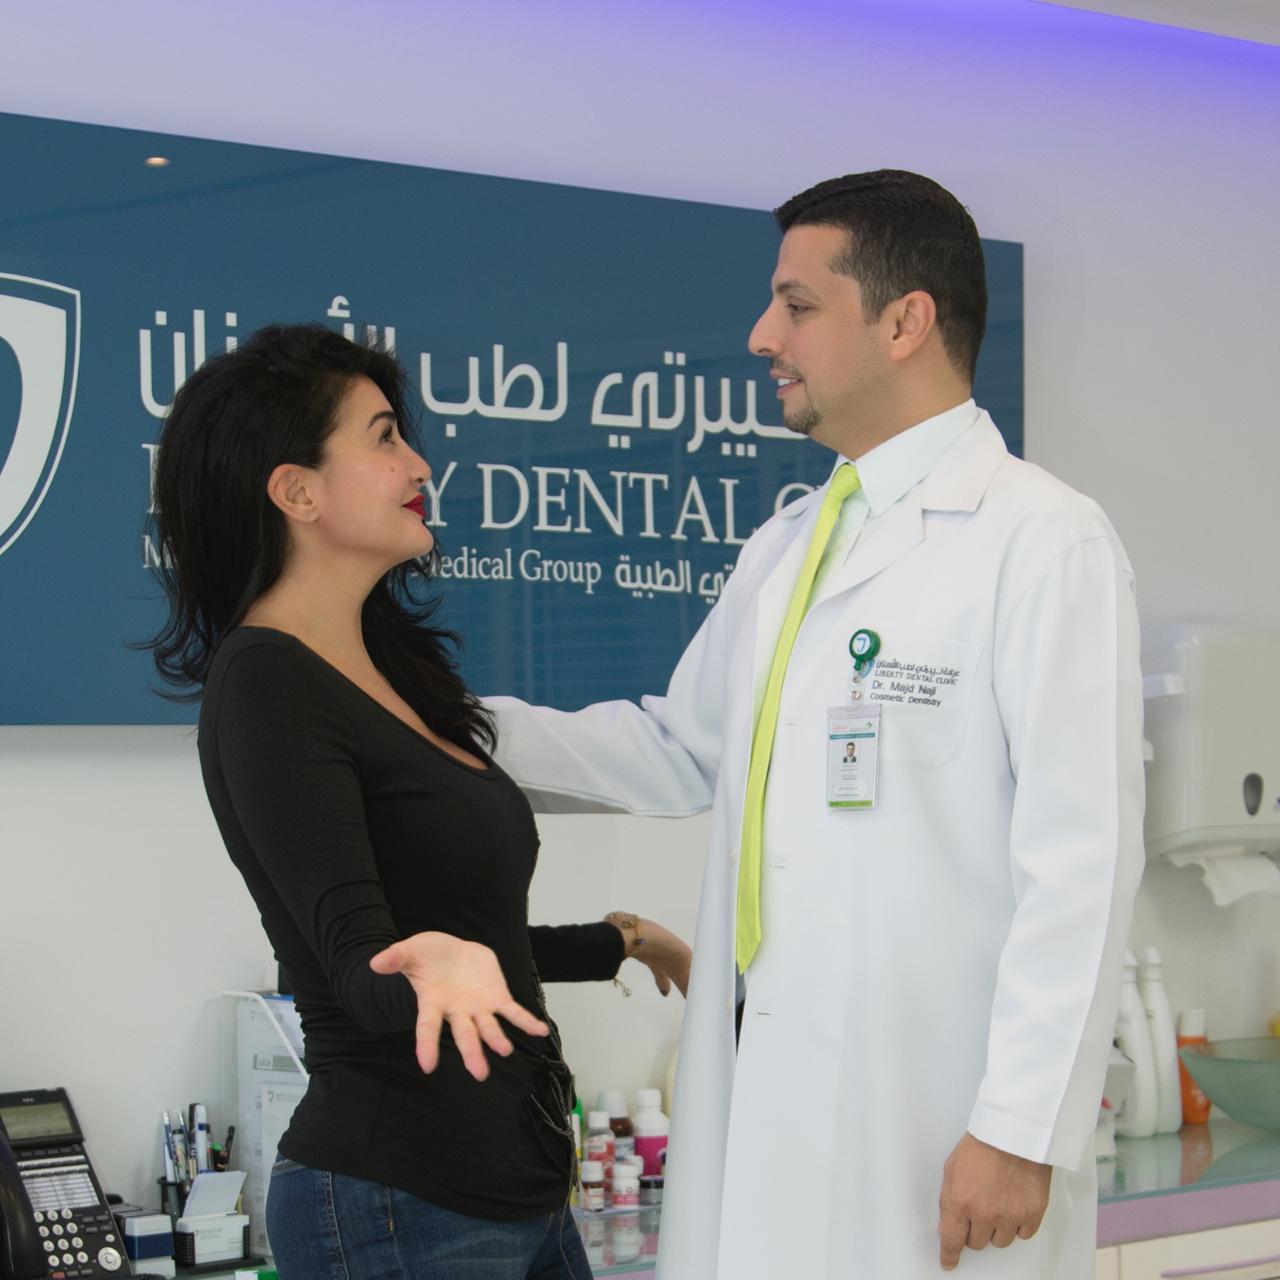 فيديو أحدث أجهزة التعقيم في العالم تعرضها عيادات ليبرتي لطب الأسنان